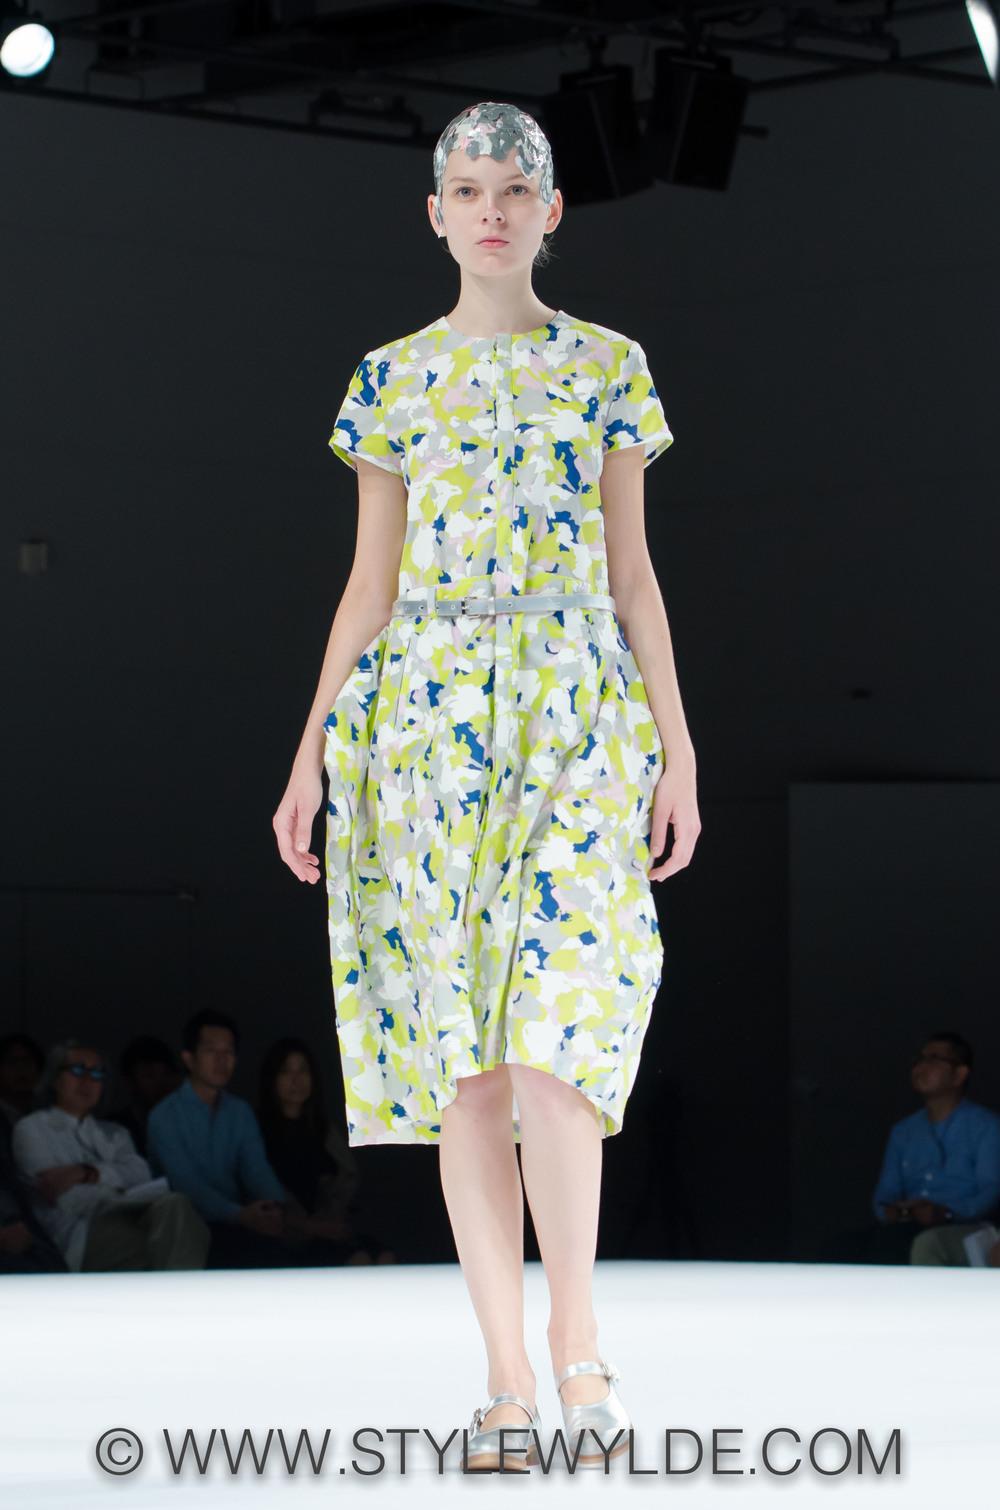 StyleWylde_MintGallery_Addons (1 of 1)-2.jpg